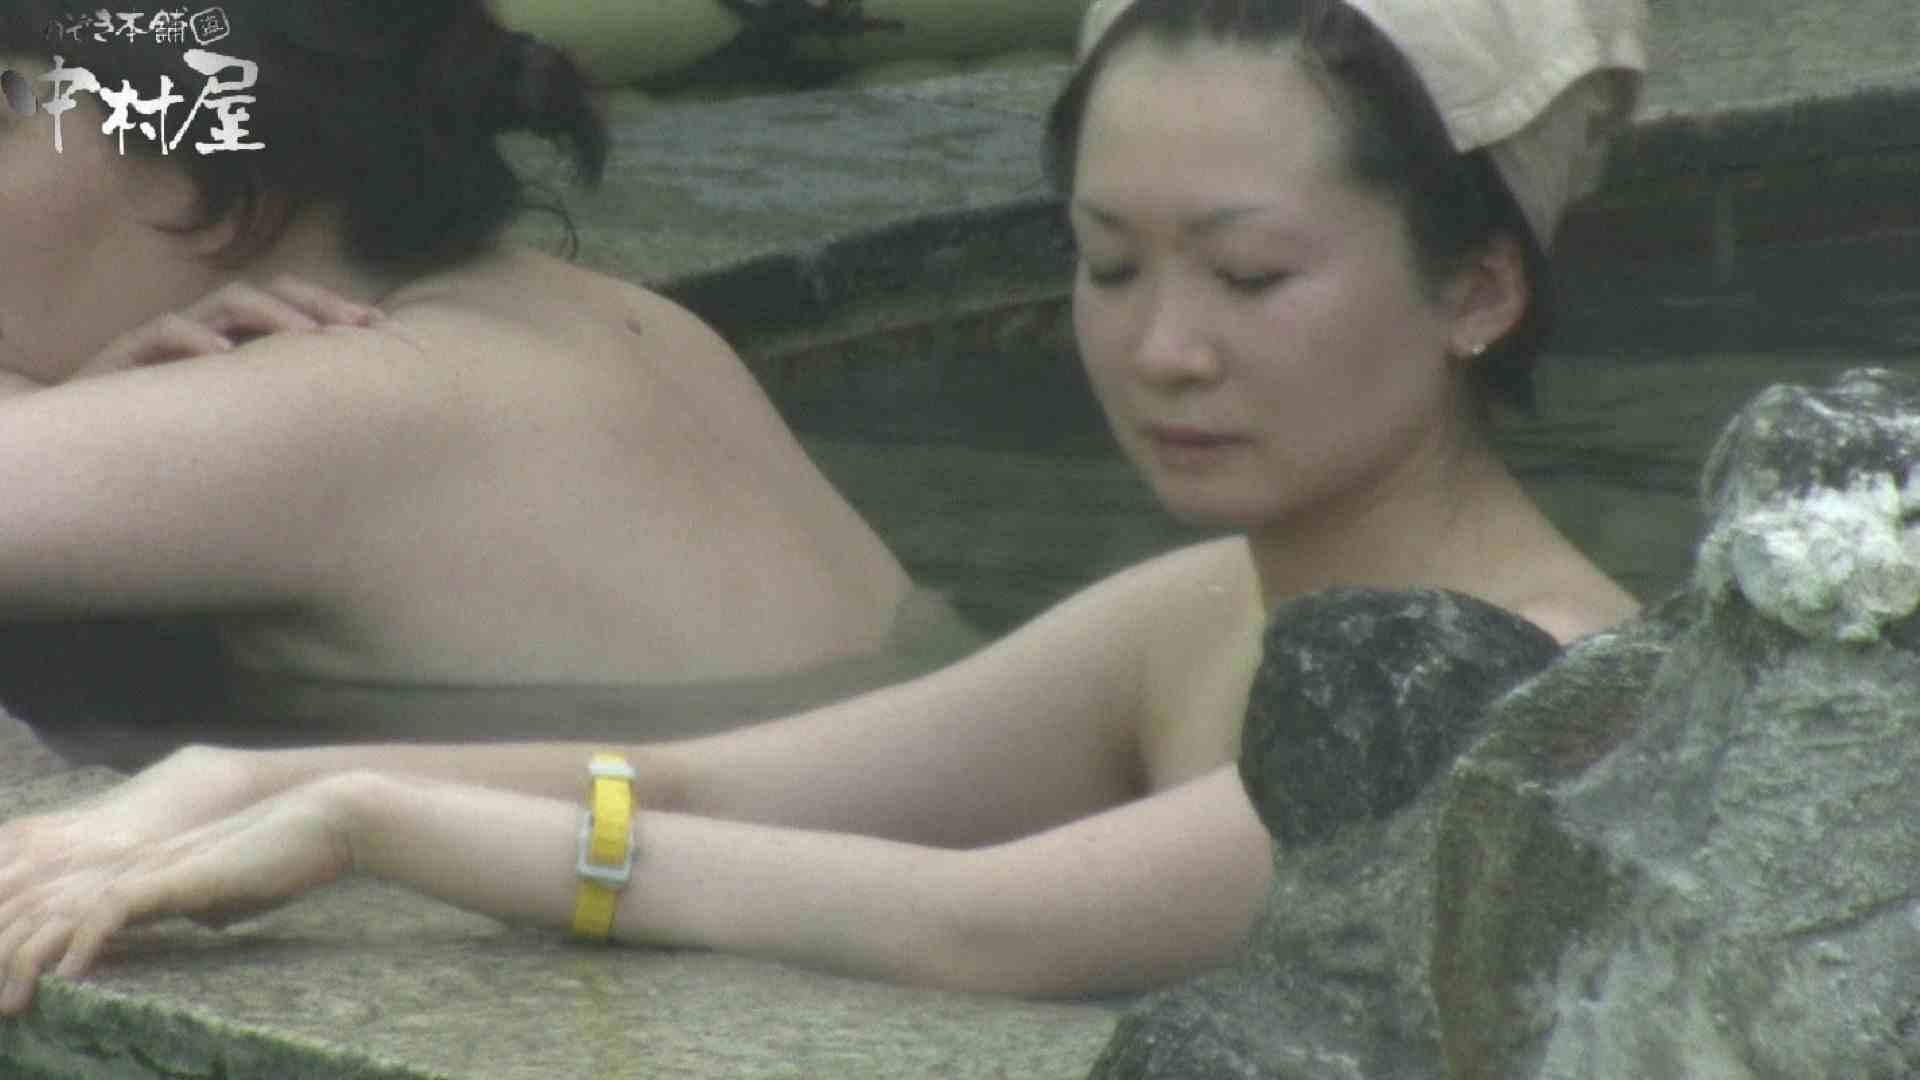 Aquaな露天風呂Vol.906 盗撮  92画像 57